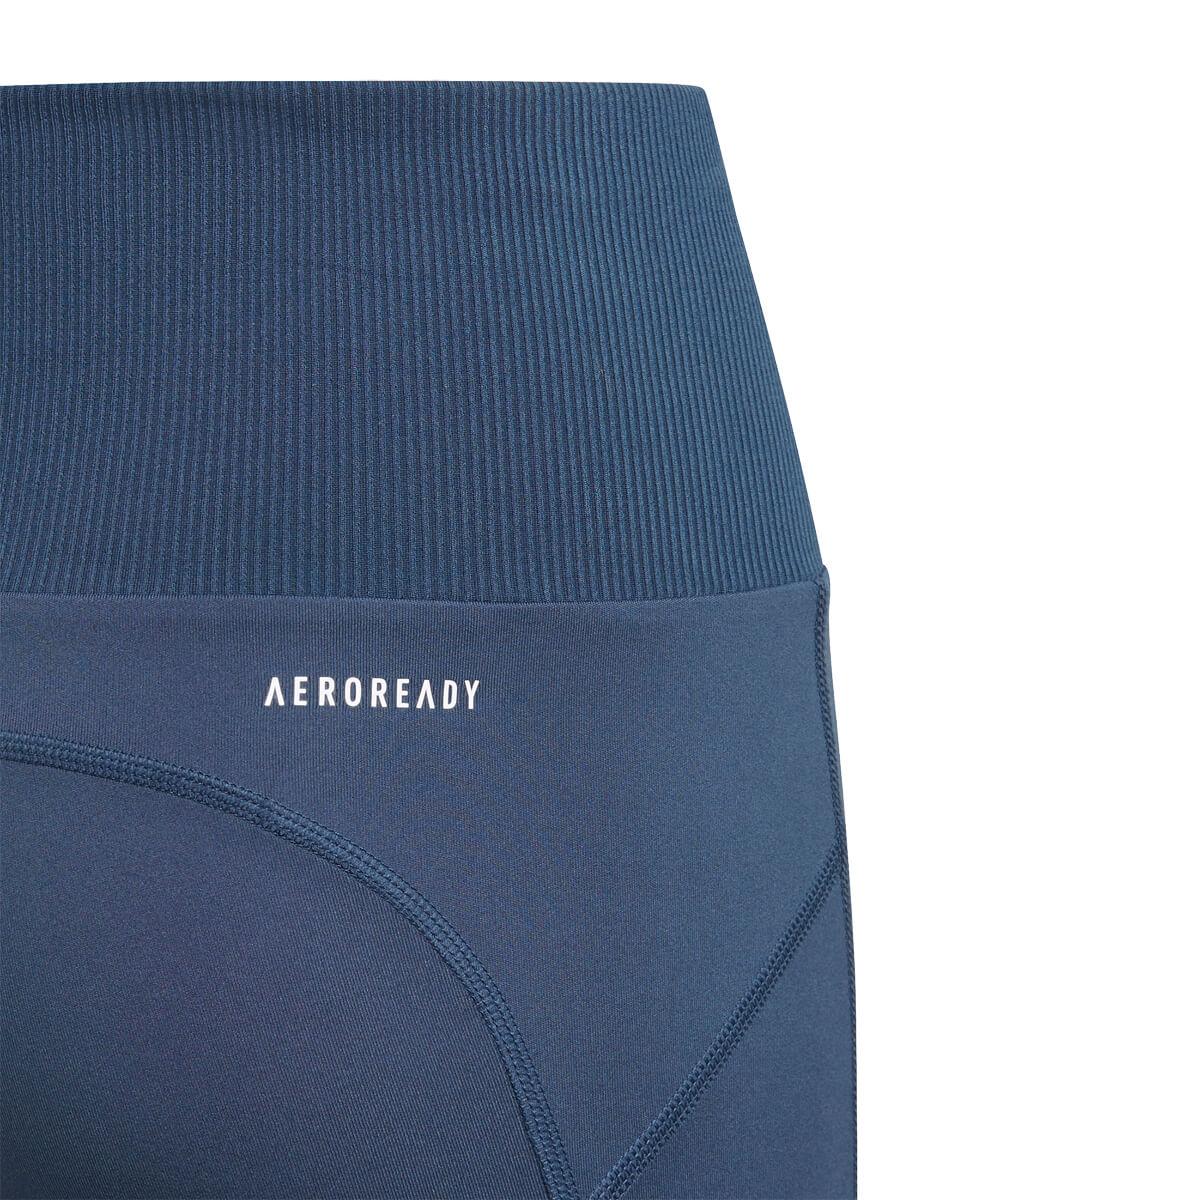 adidas Aeroready High-Rise Comfort Workout Yoga Træningstights Børn